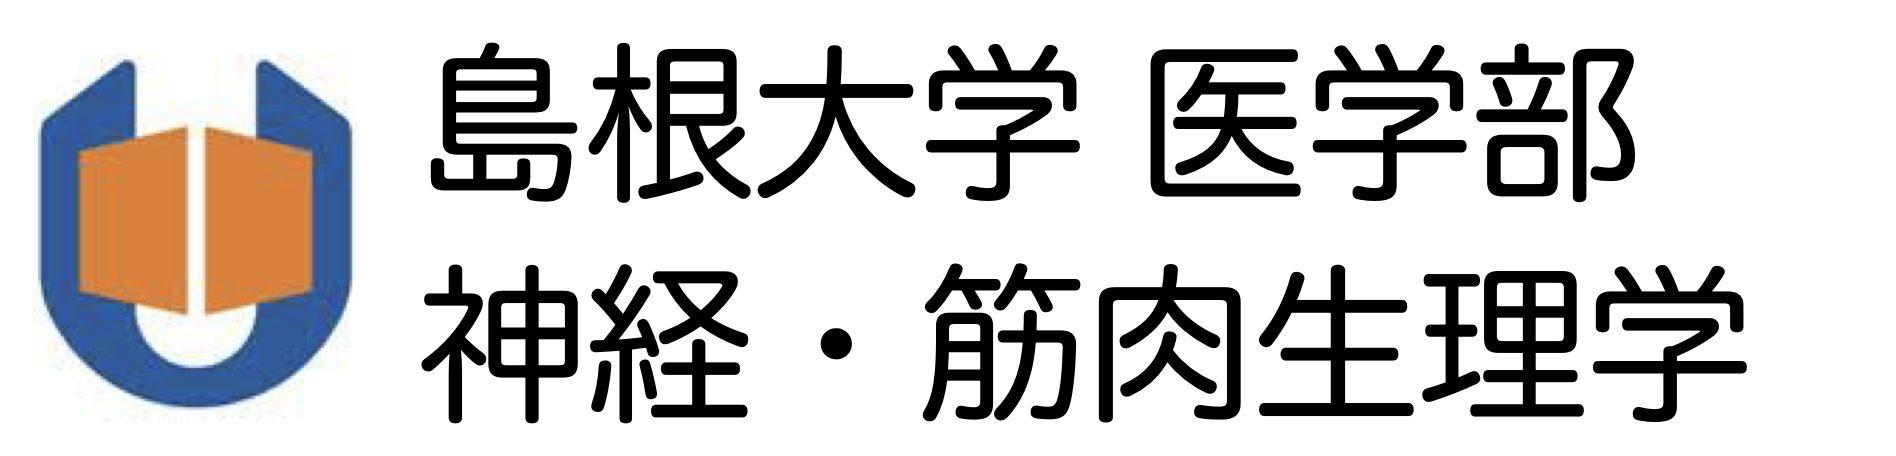 島根大学 医学部   神経・筋肉生理学